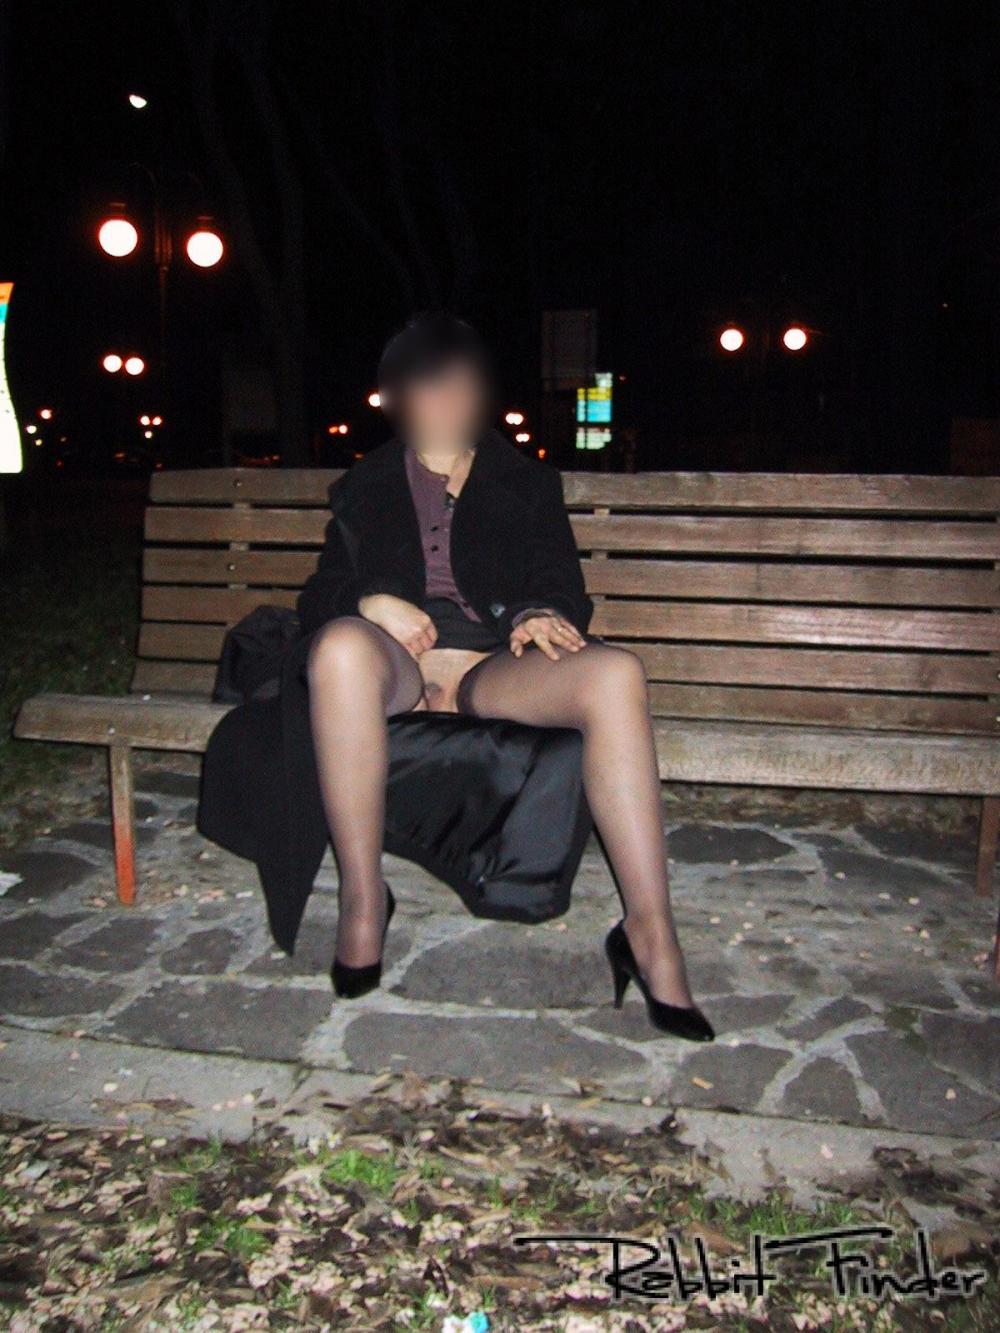 panneau sexe sexe dans la rue